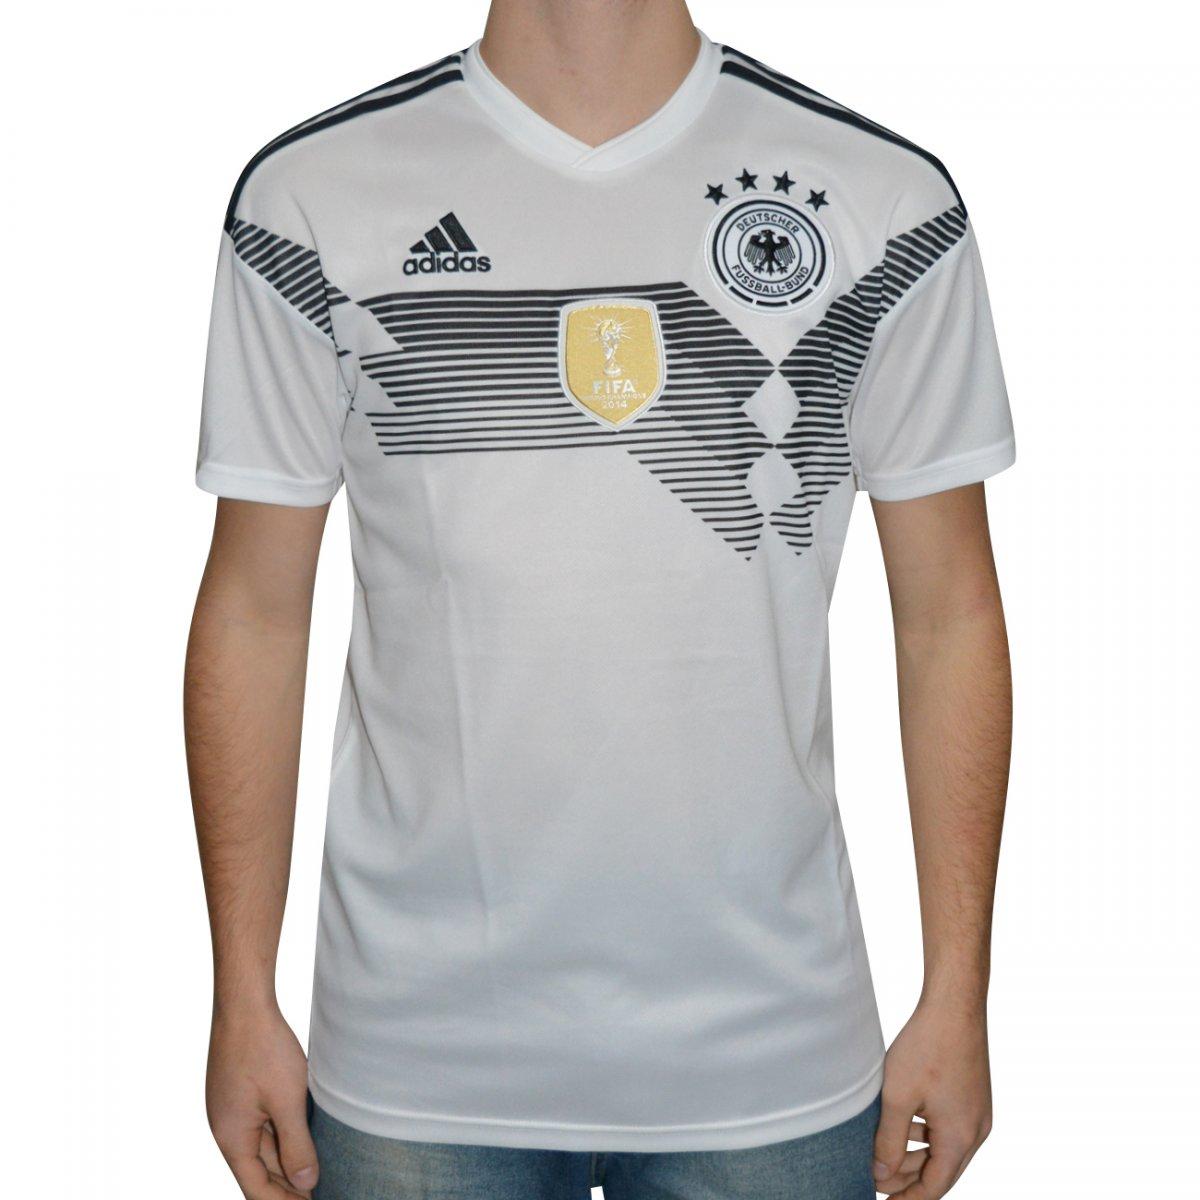 Camisa Adidas Alemanha 1 2018 BR7843 - Branco preto - Chuteira Nike ... a245e46766c74